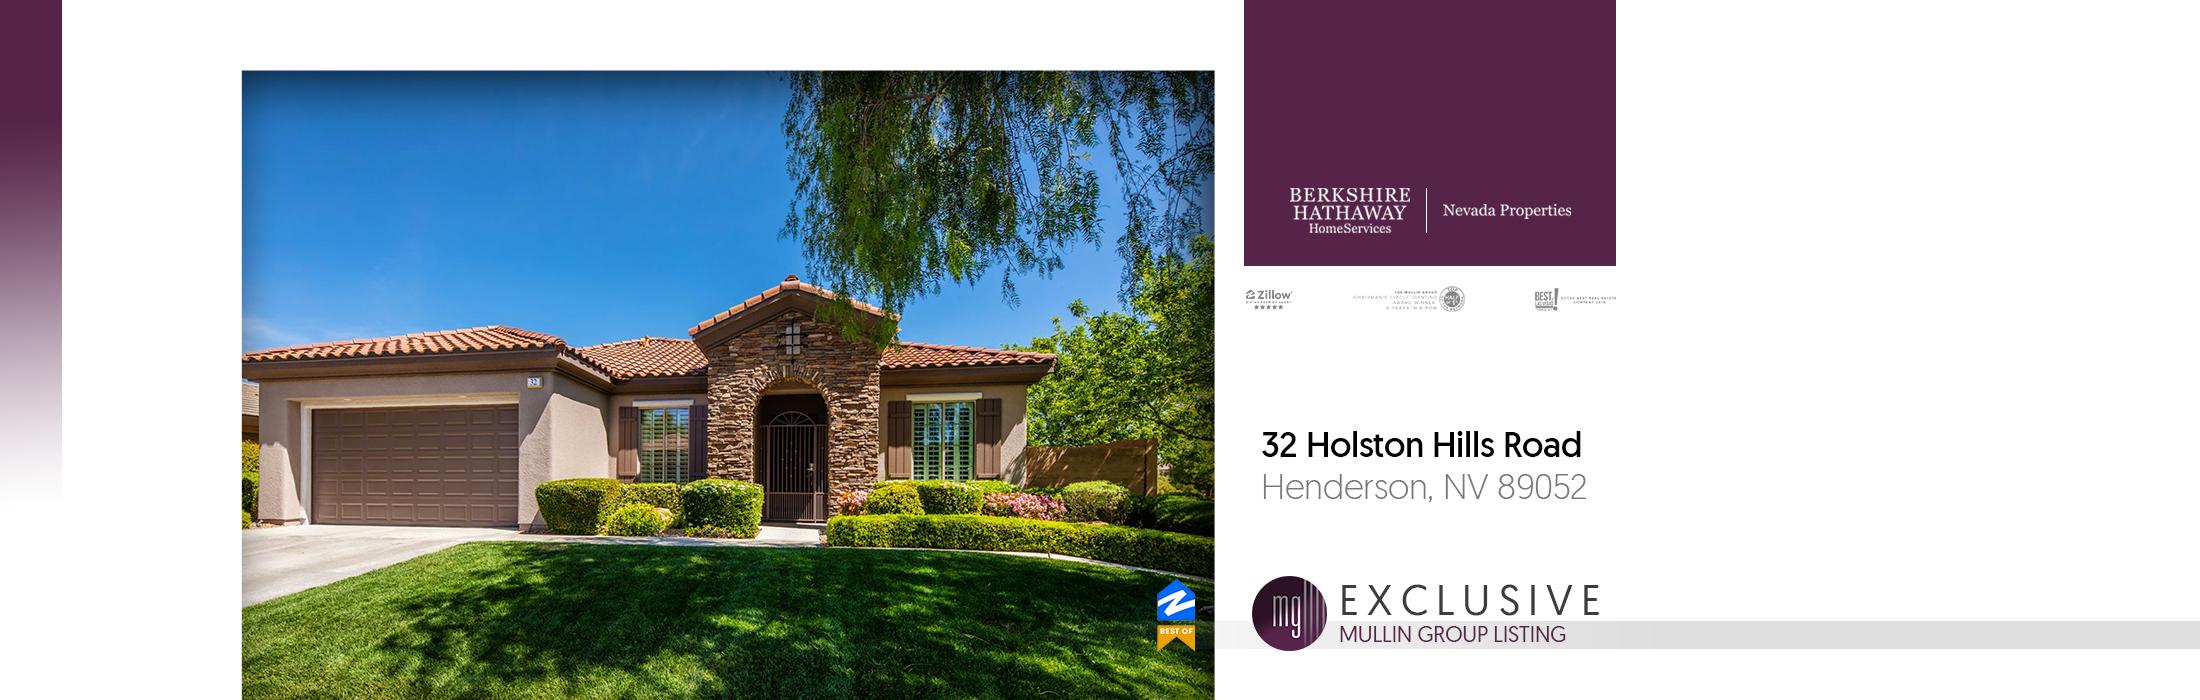 32 Holston Hills